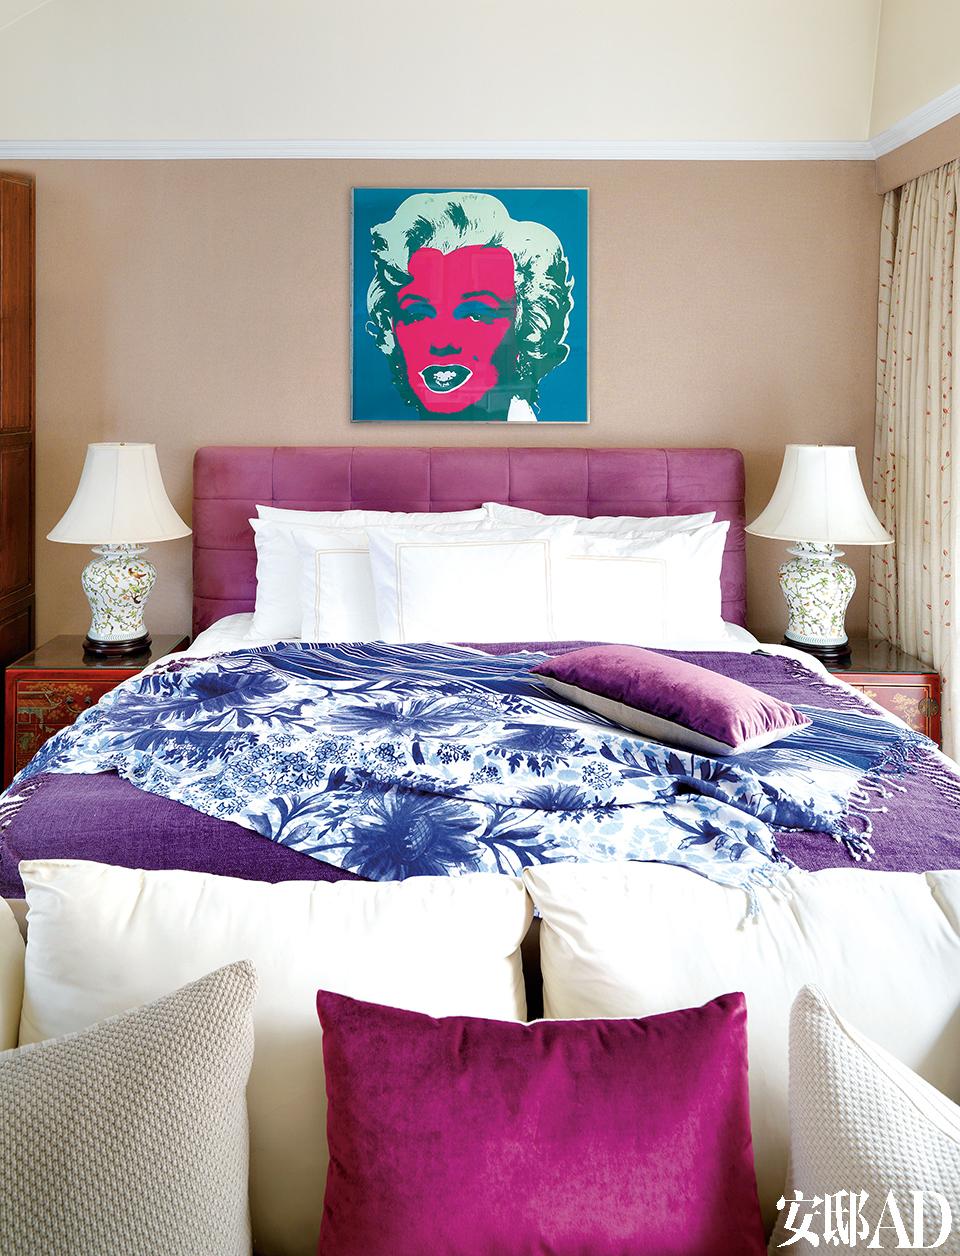 """""""可能是我体内双鱼座的浪漫和A型血的极端作祟,我总是想要那种两头的美。""""卧室以各种紫色构成,小碎花的窗帘显得俏皮可爱。"""